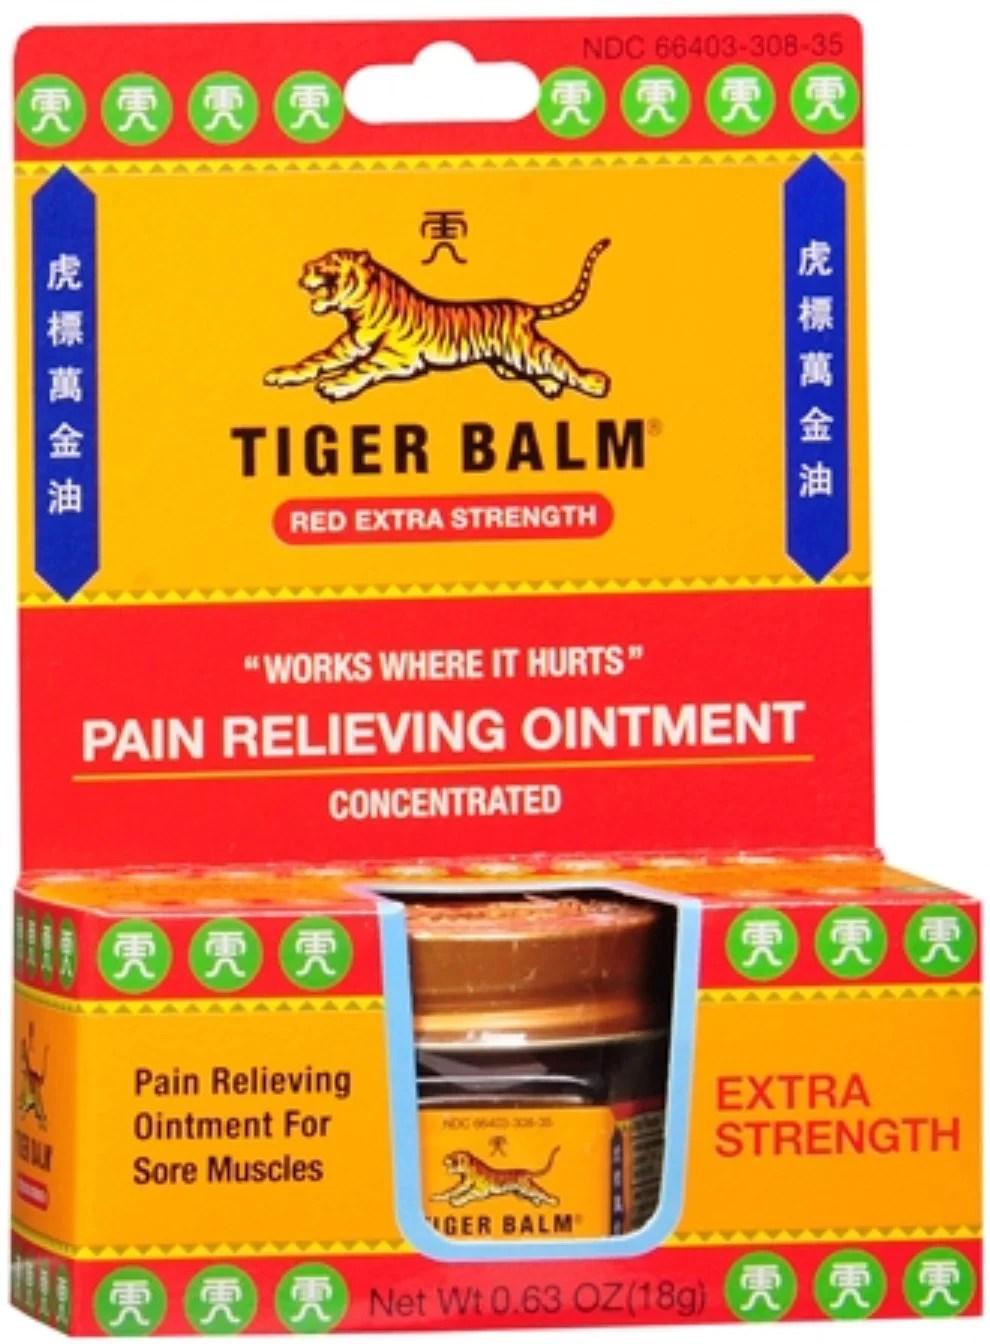 Tiger Balm Extra Strength 0.63 oz - Walmart.com